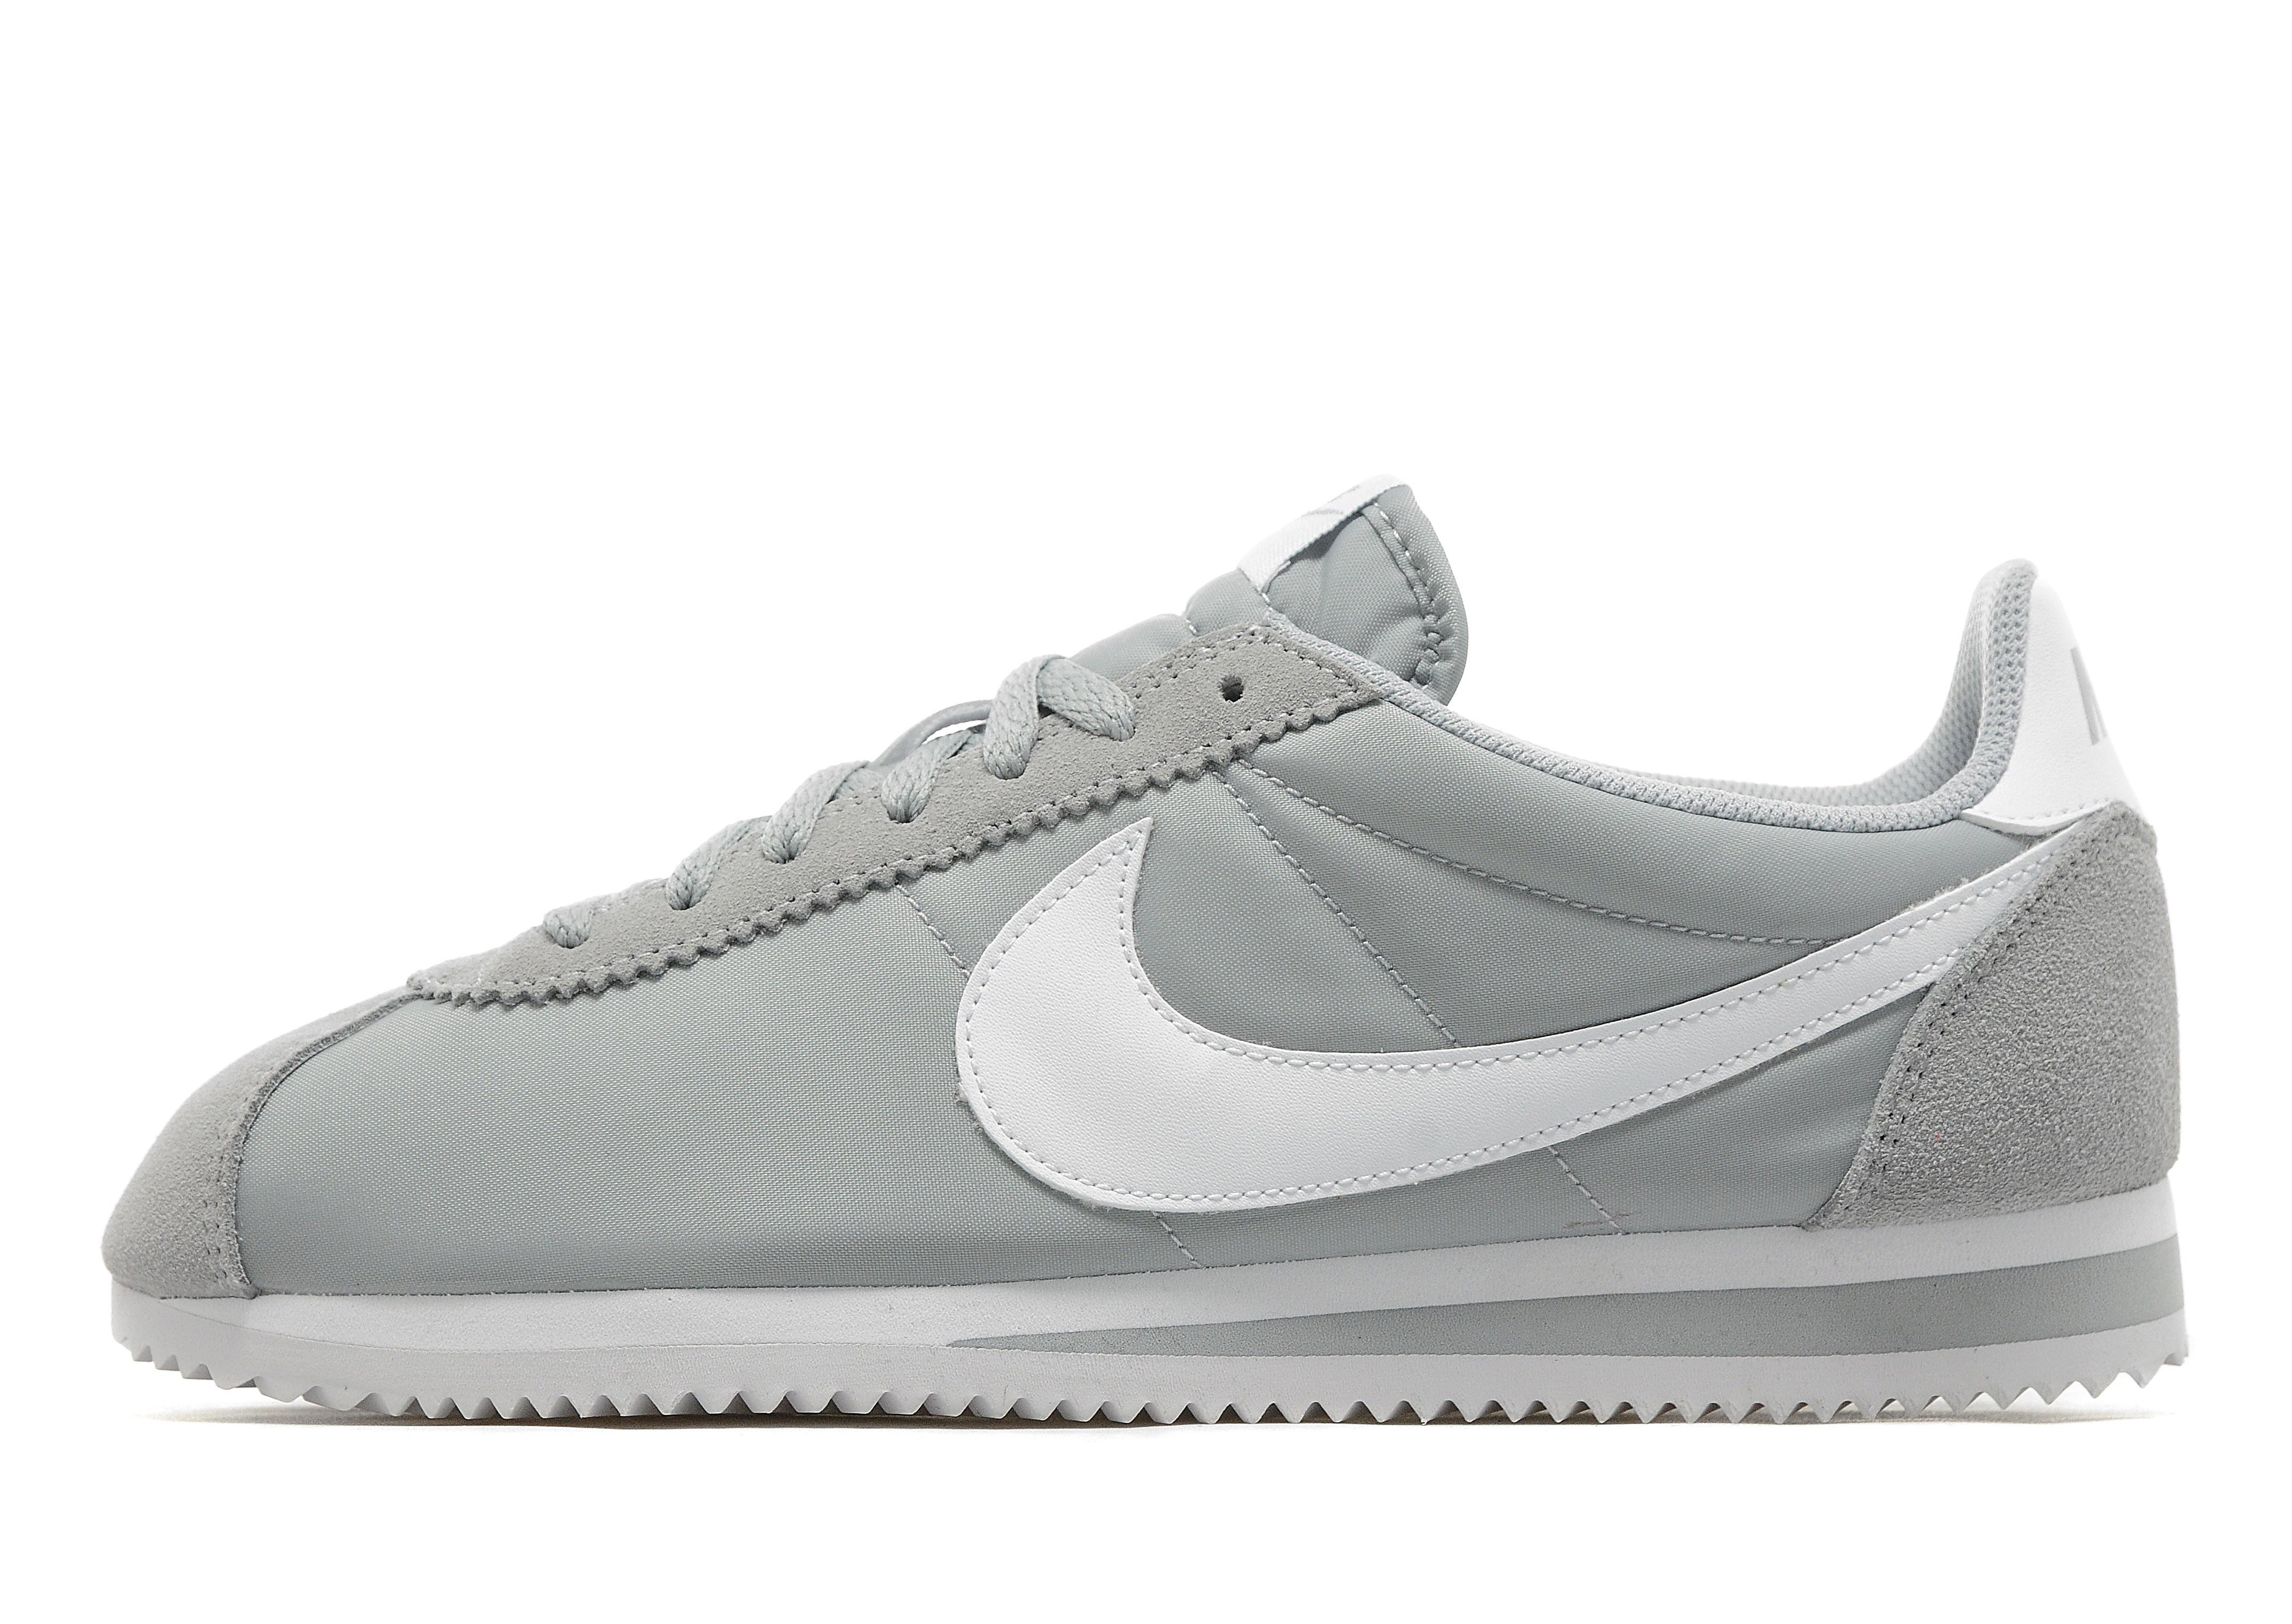 Nike Nylon Cortez classique